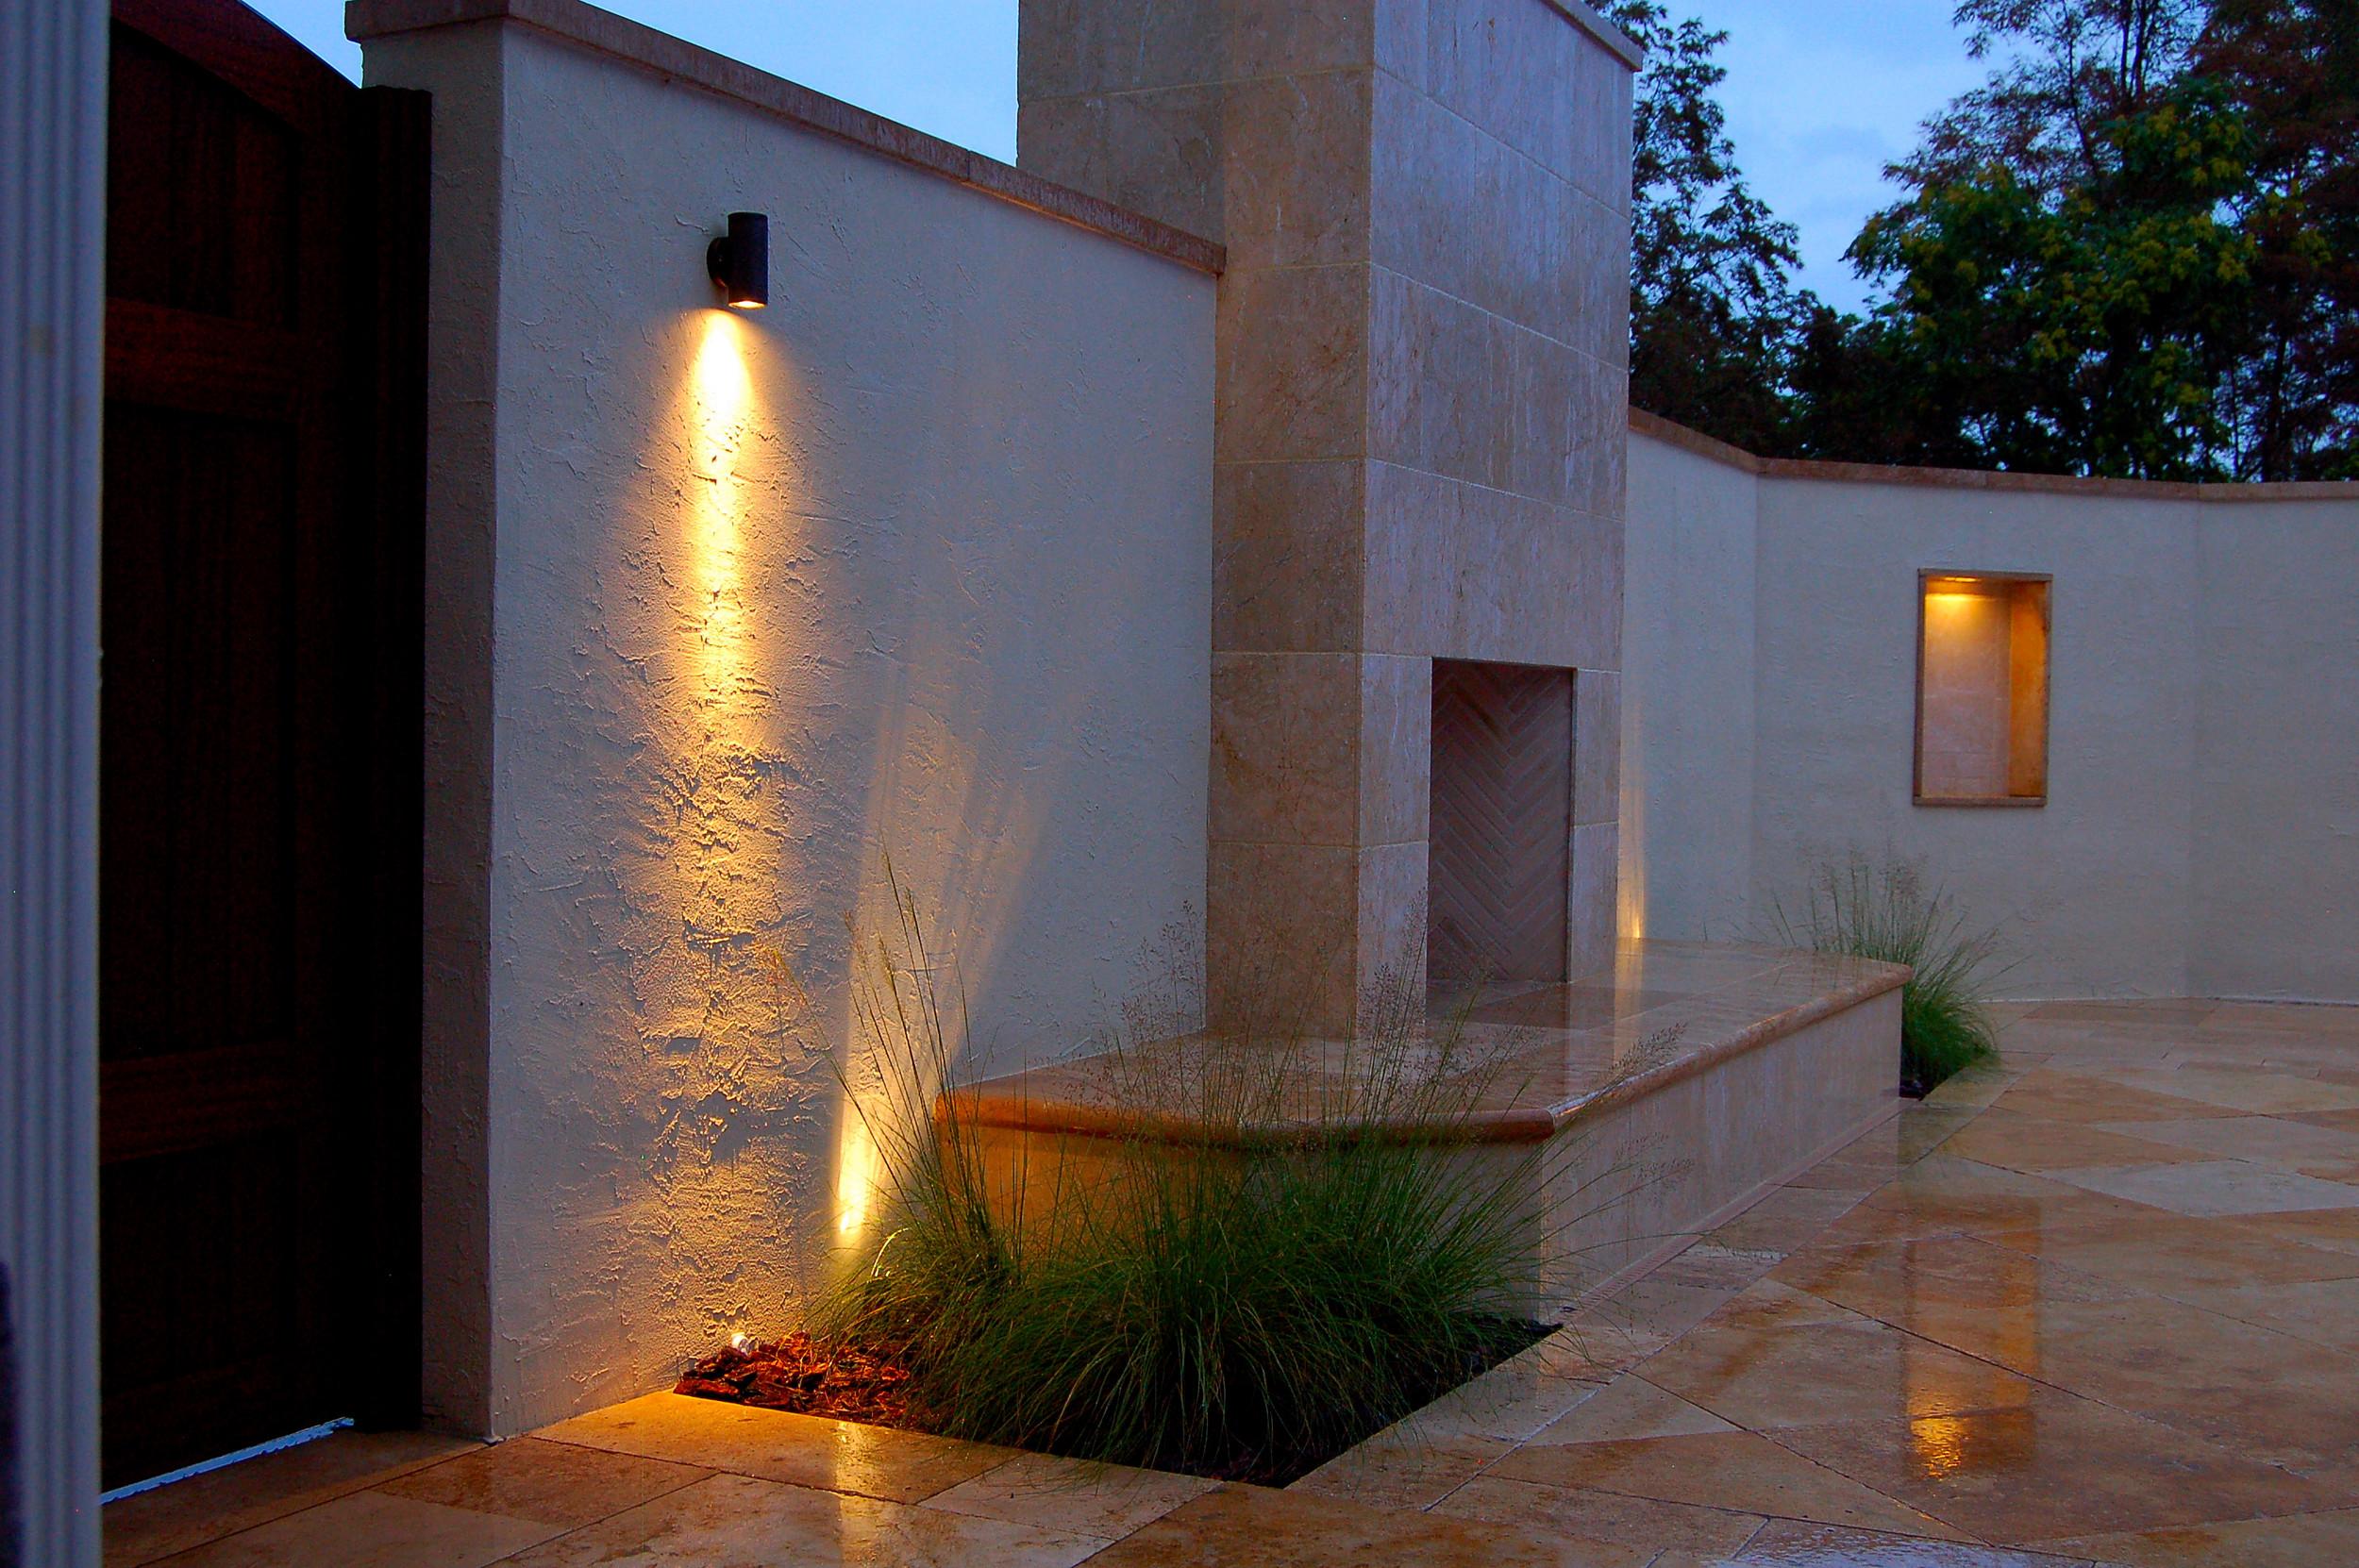 Mediterranean style travertine outdoor fireplace